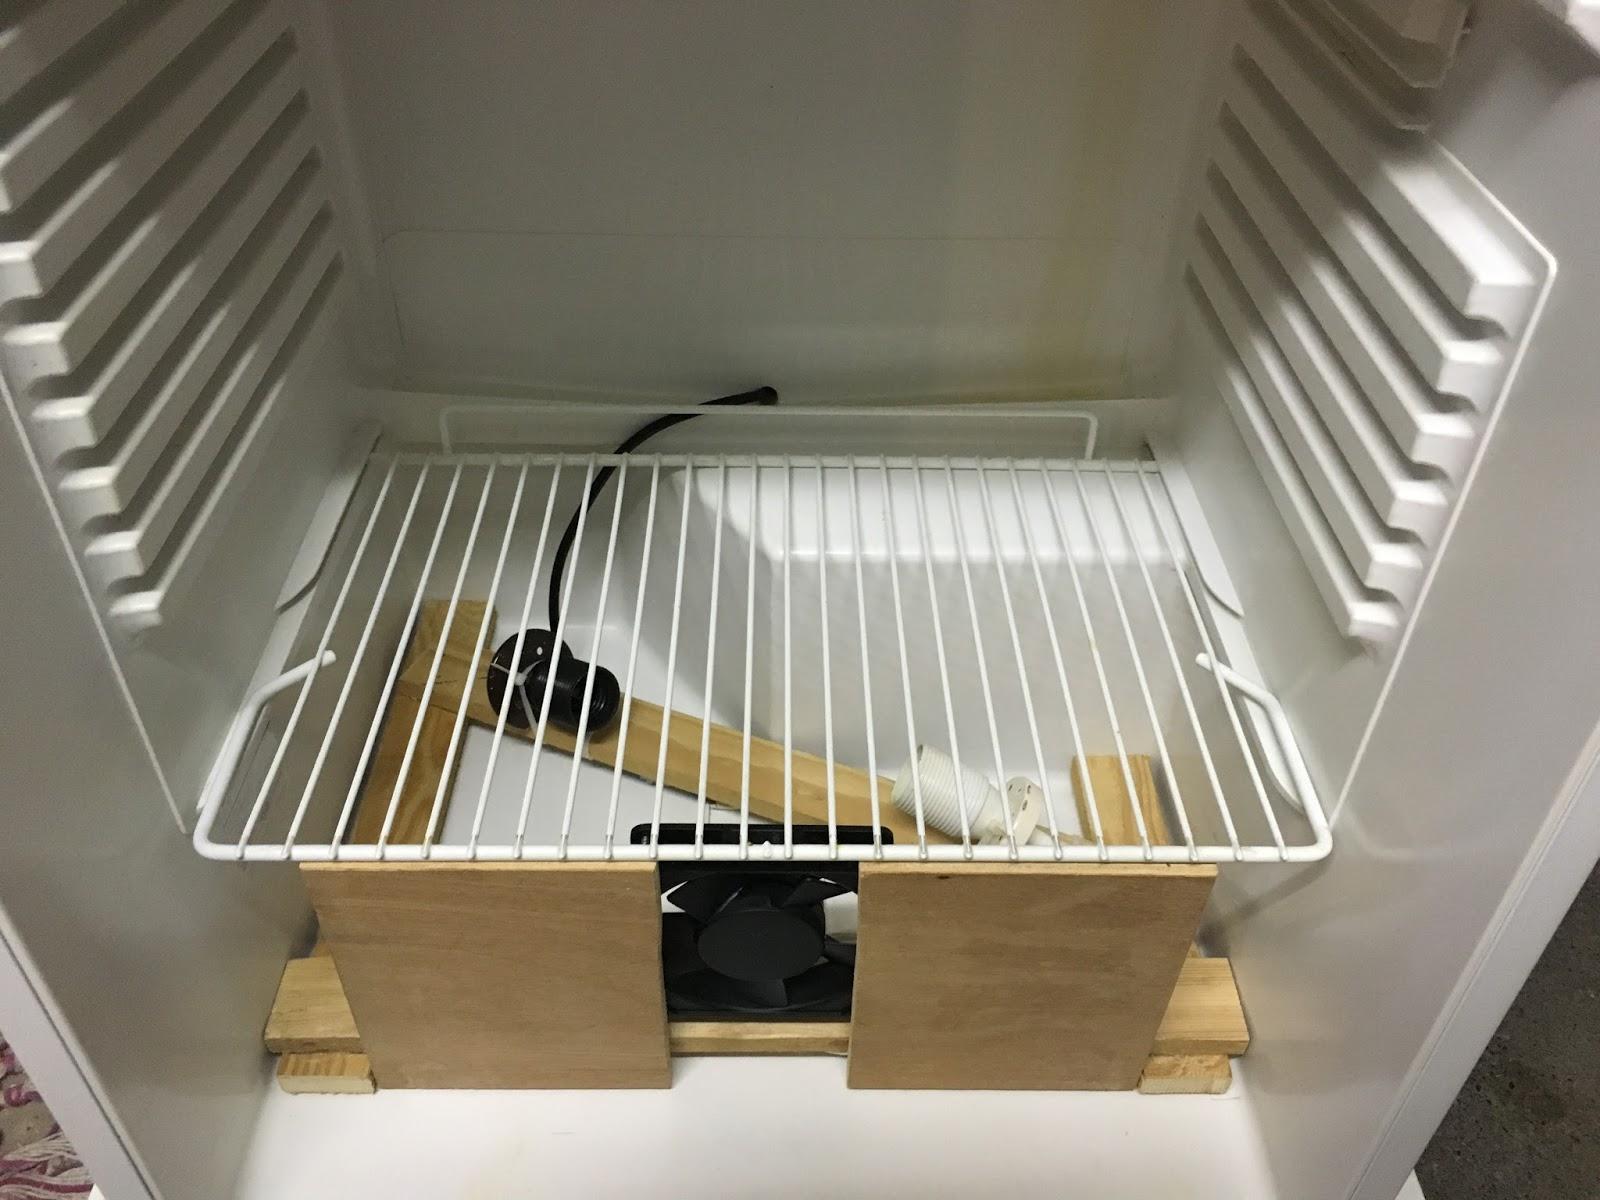 ausgezeichnet trockenschrank selber bauen zk91 startupjobsfa. Black Bedroom Furniture Sets. Home Design Ideas